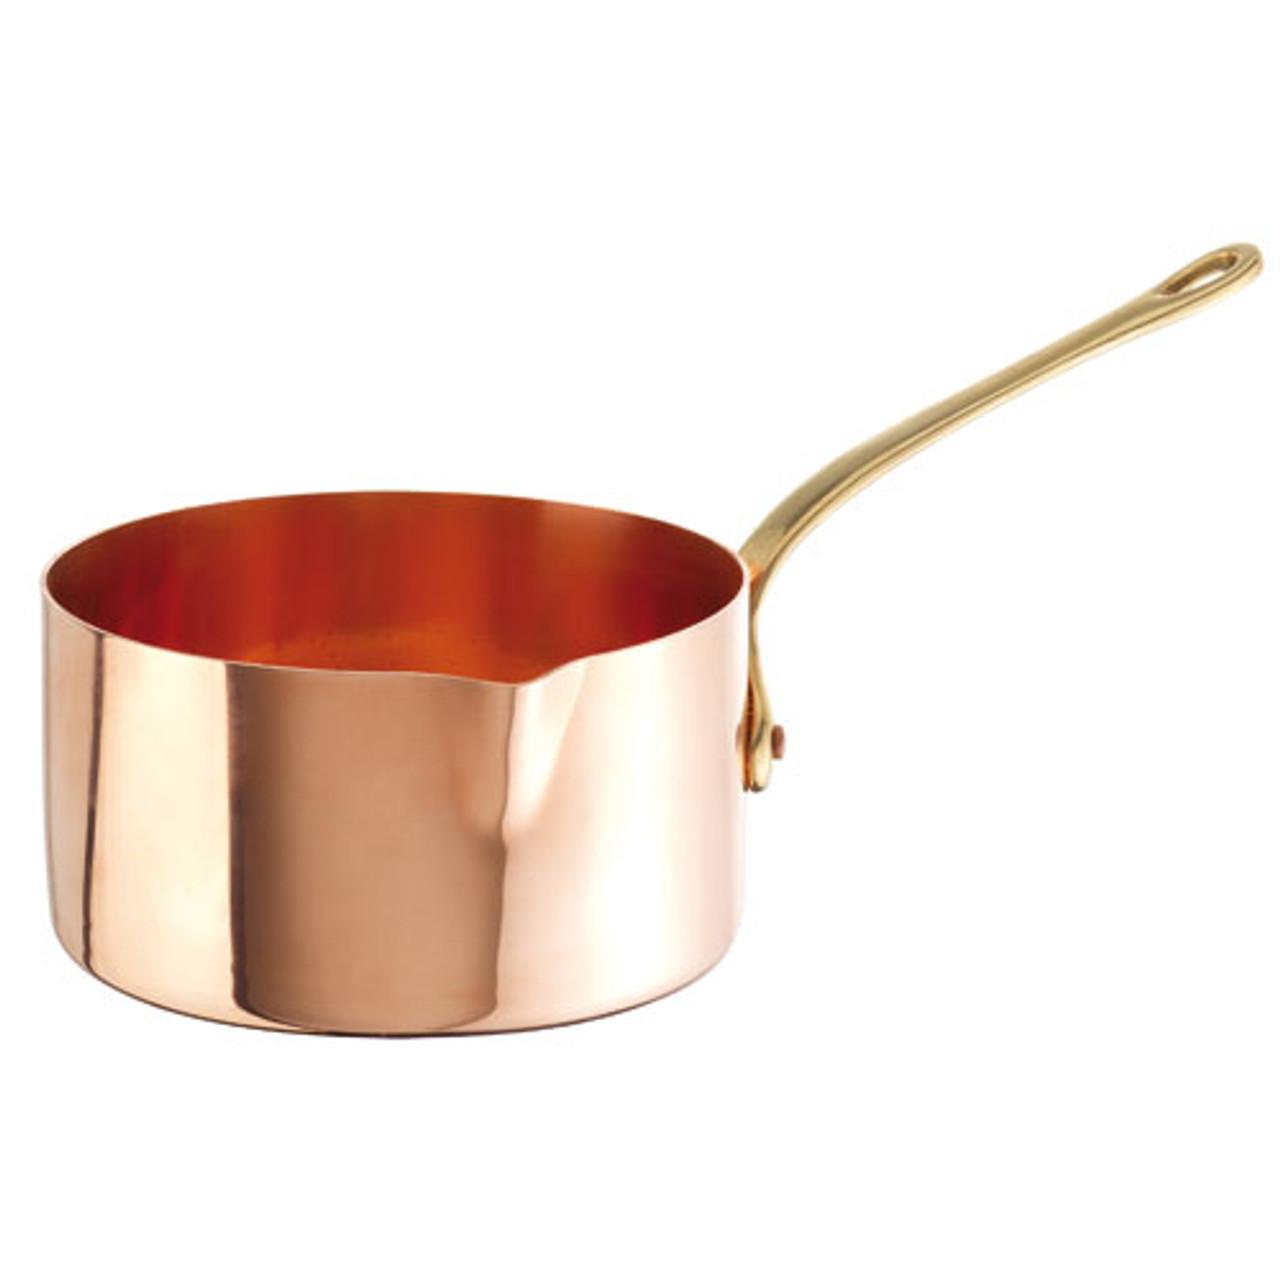 Sugar Pan, Solid Copper, 1 3/4QT